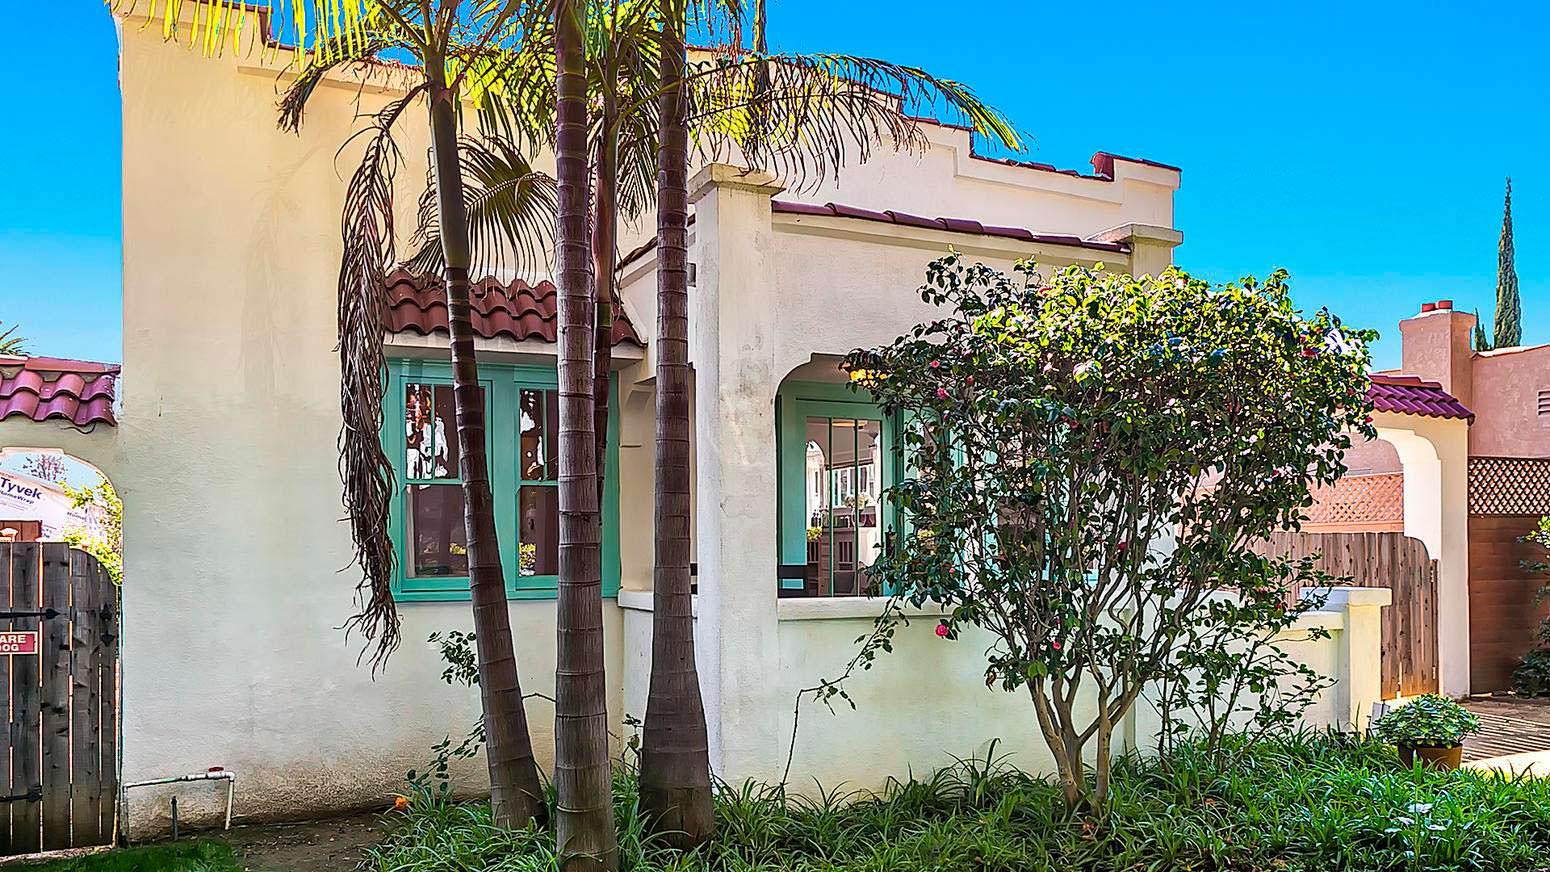 Дом в испанском стиле 1925 года постройки в Лос-Анджелесе